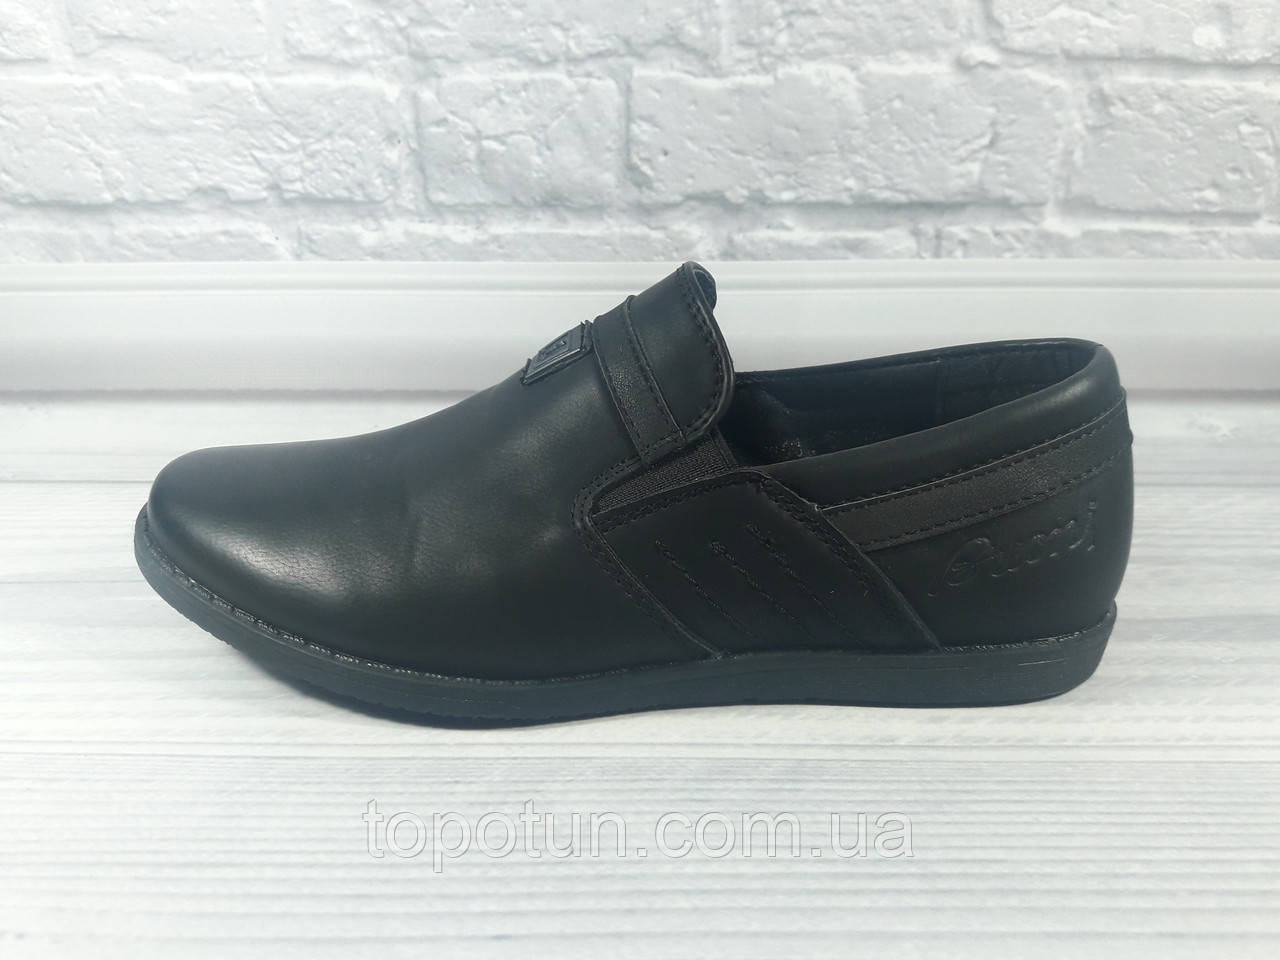 """Школьные туфли для мальчика """"Kimbo-o"""" Размер: 32,34,35,36,37"""